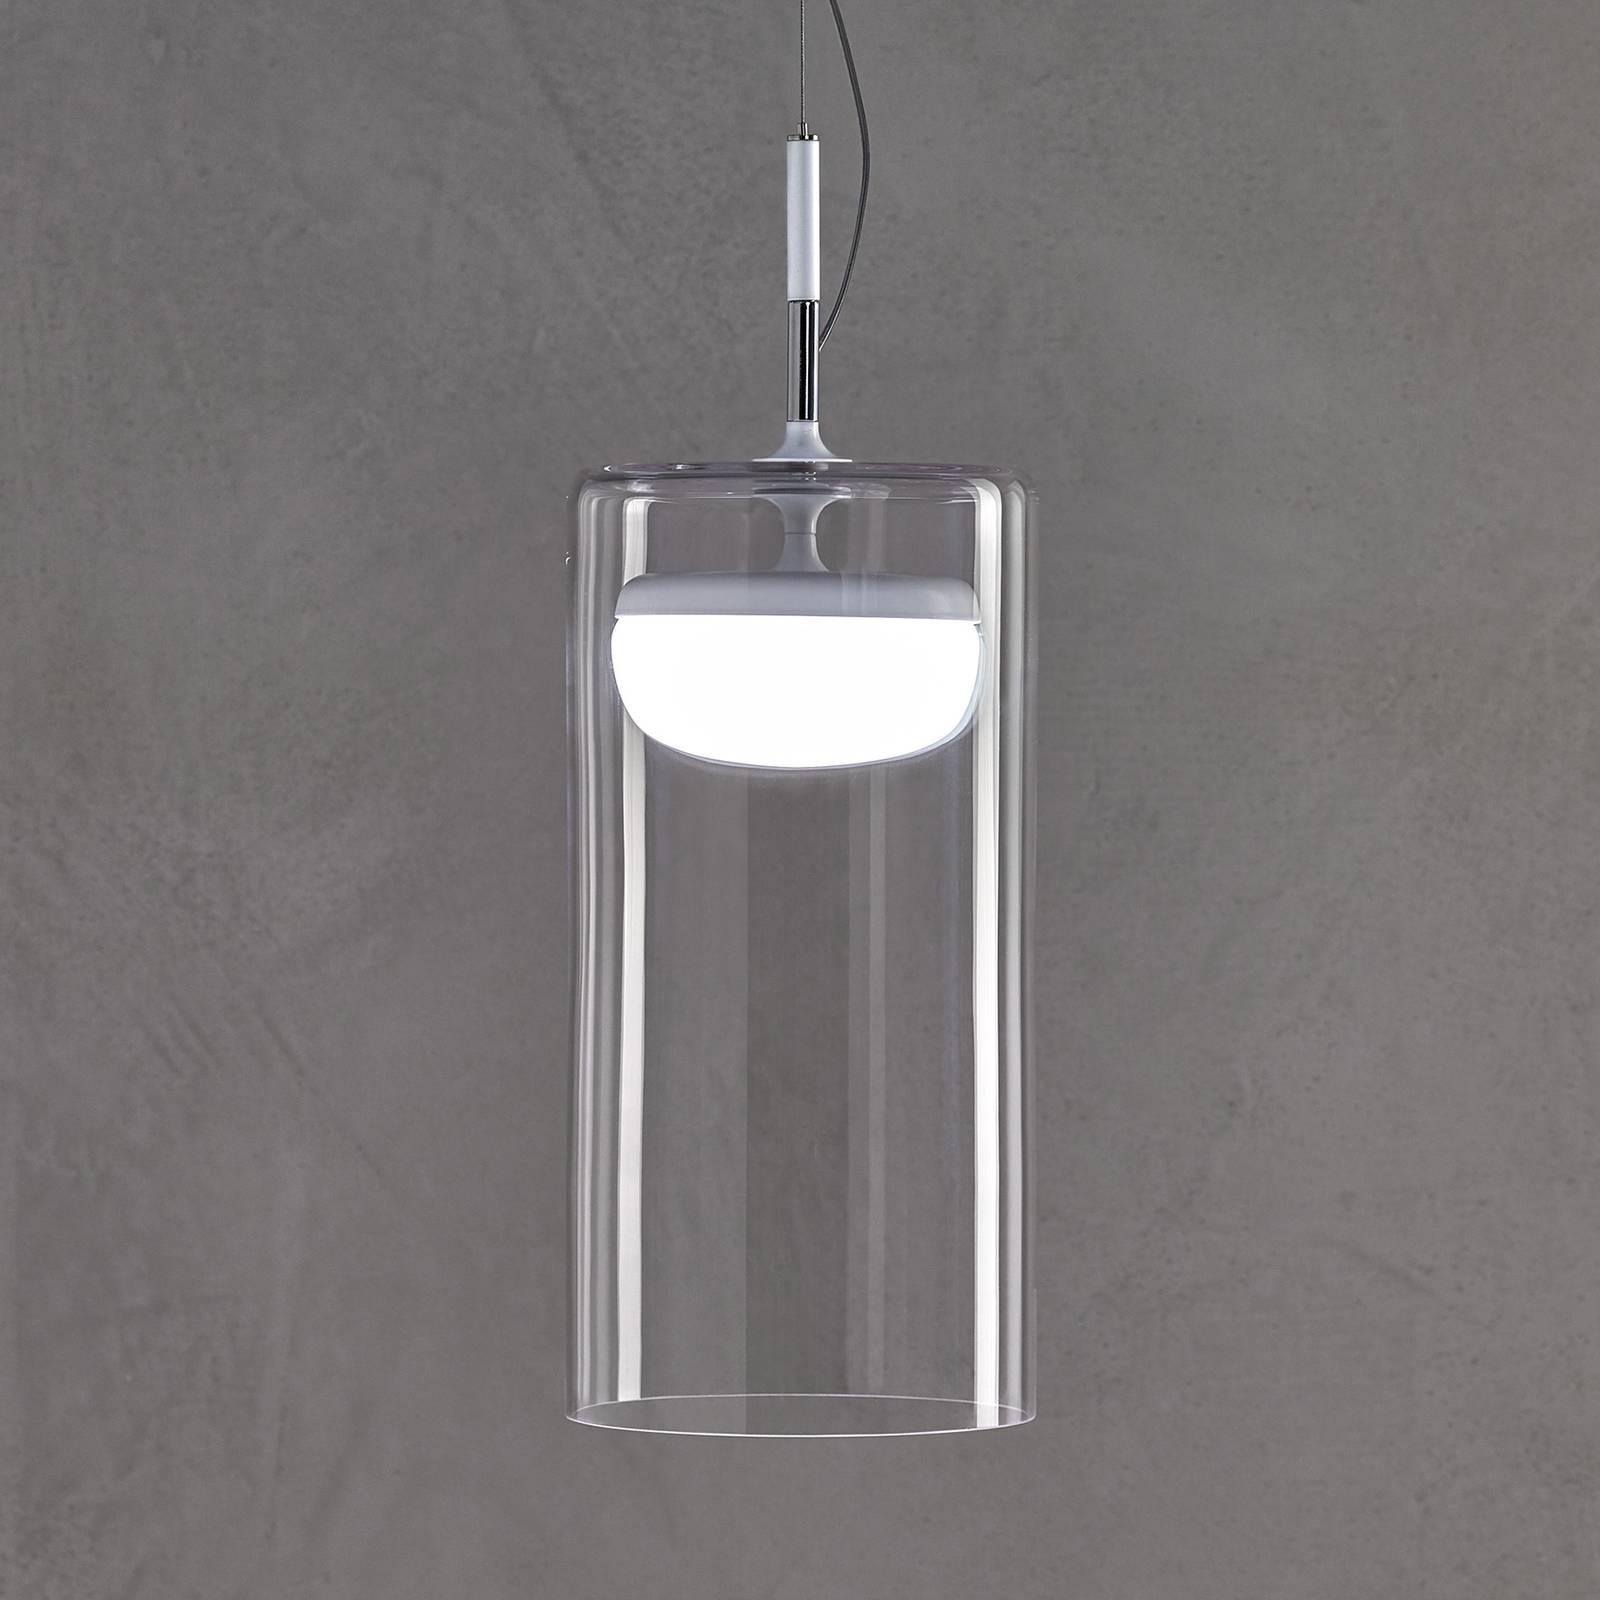 Prandina Diver Dimm -riippuvalo S3 2700K valkoinen